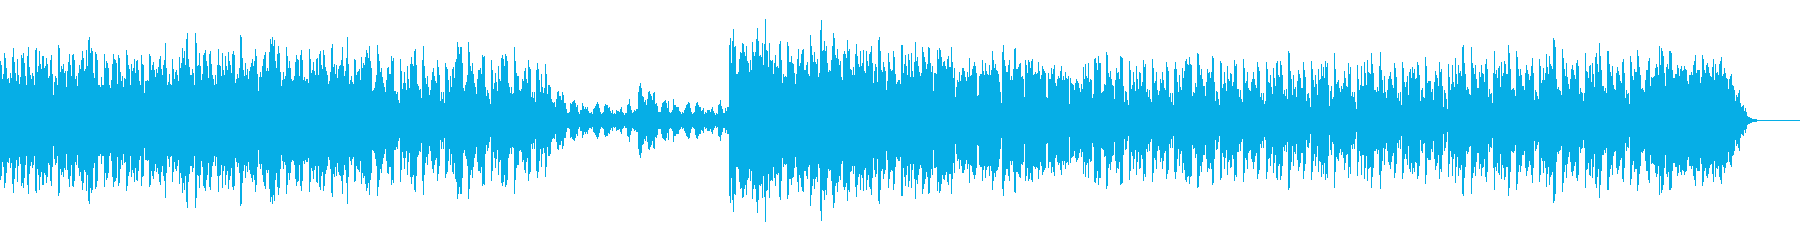 ダンサブルでダークなシンセサウンドの再生済みの波形